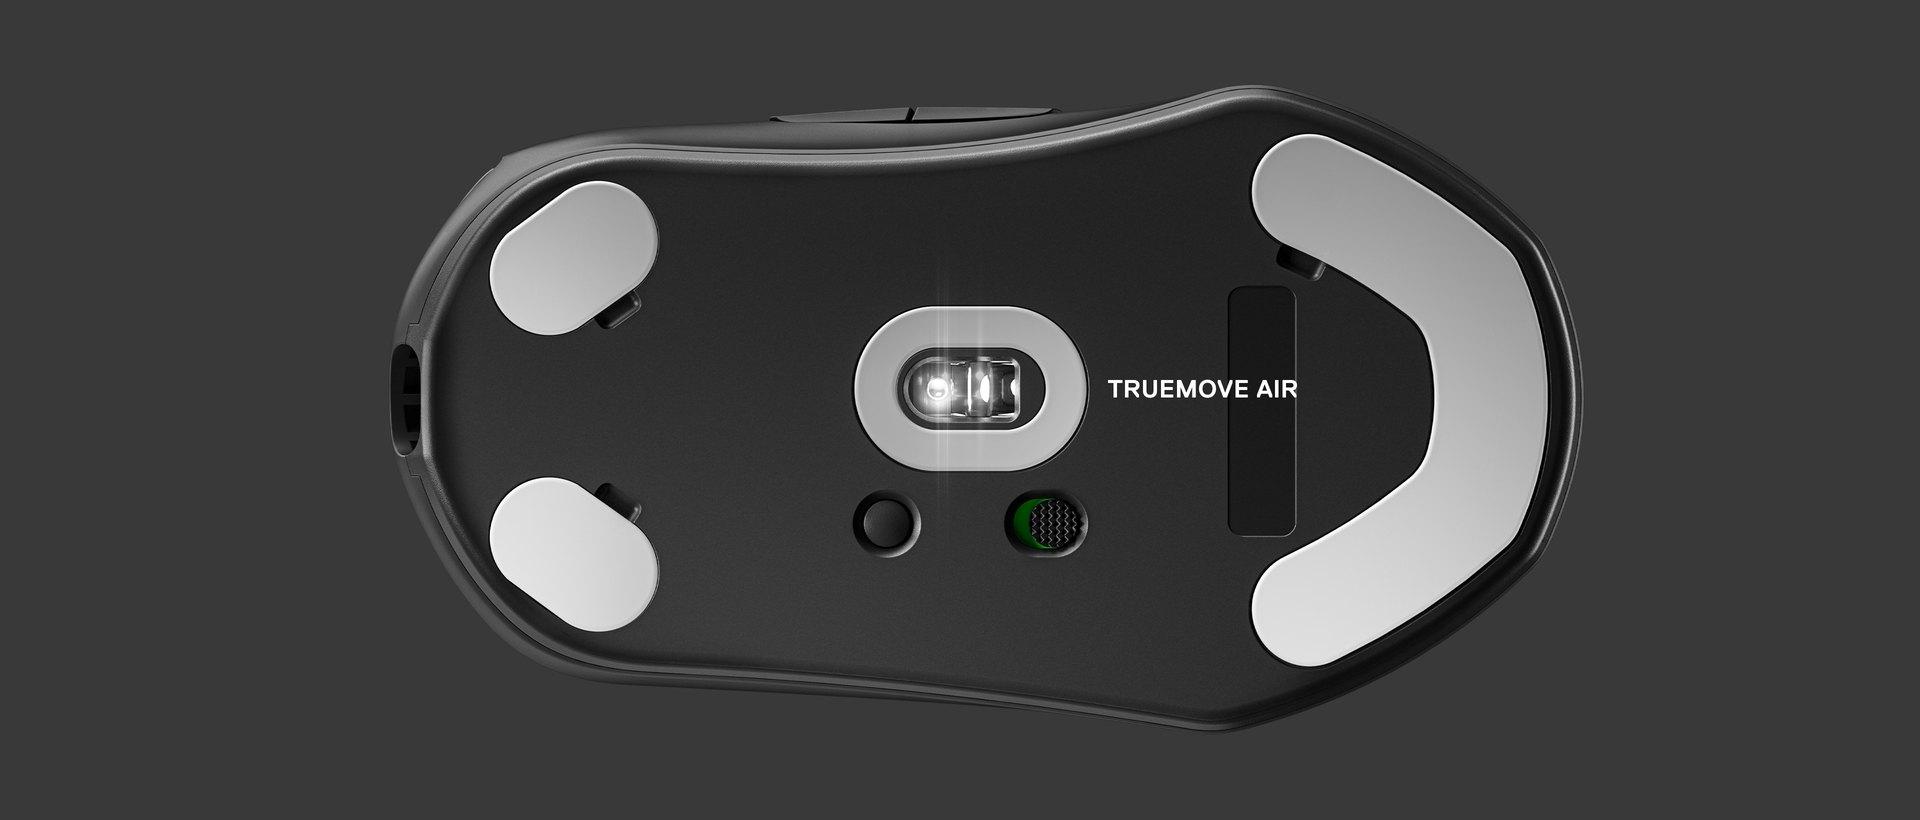 Unteransicht der Maus mit einem Etikett zur Kennzeichnung des Sensors. Text rechts: TrueMovePro.